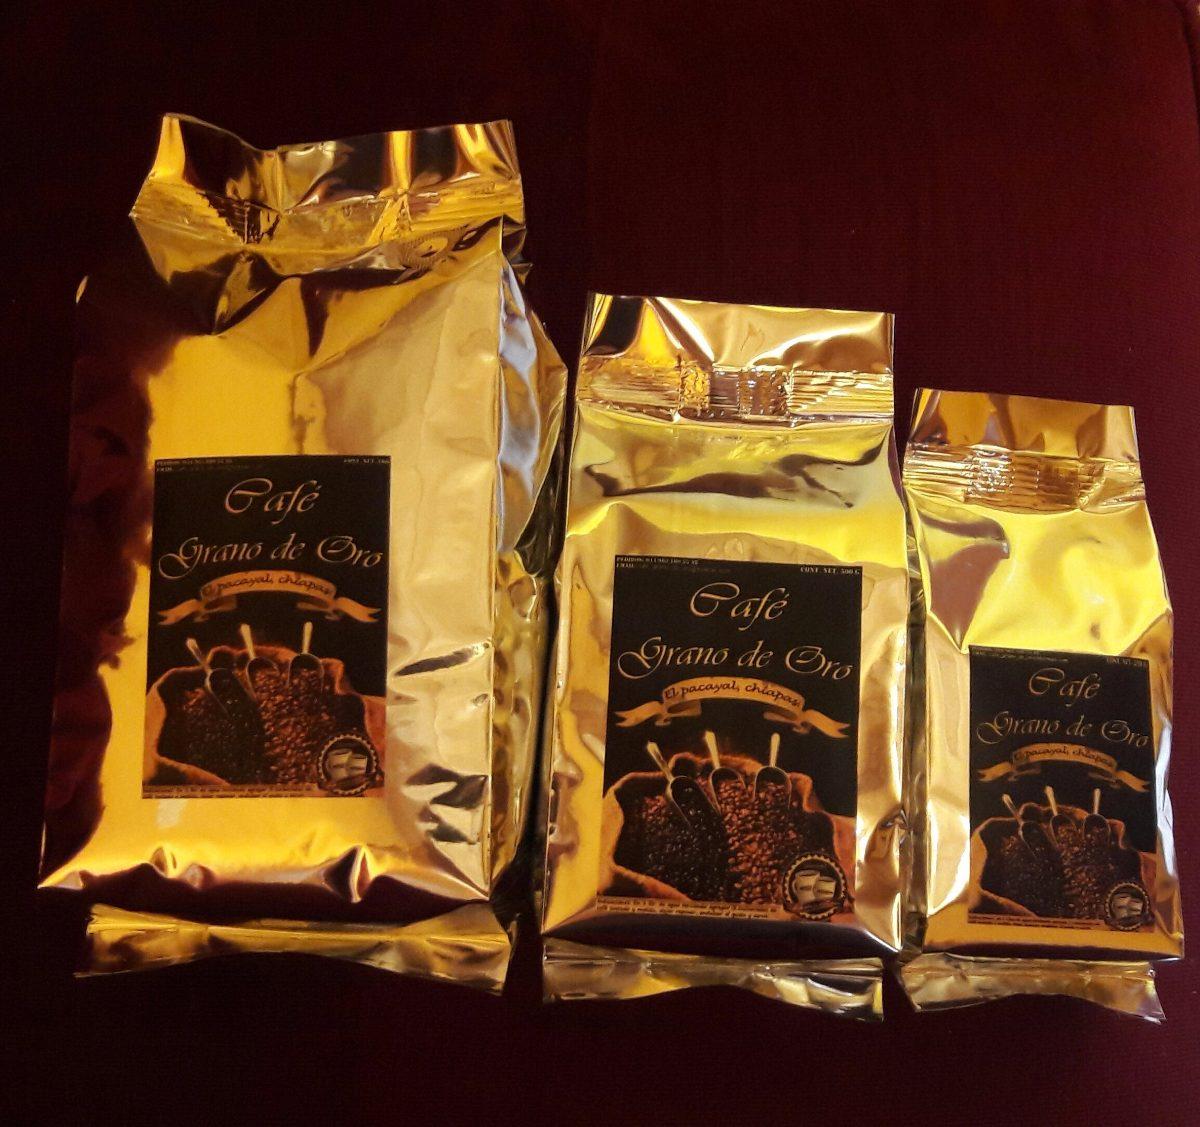 Cafe De Chiapas Venta